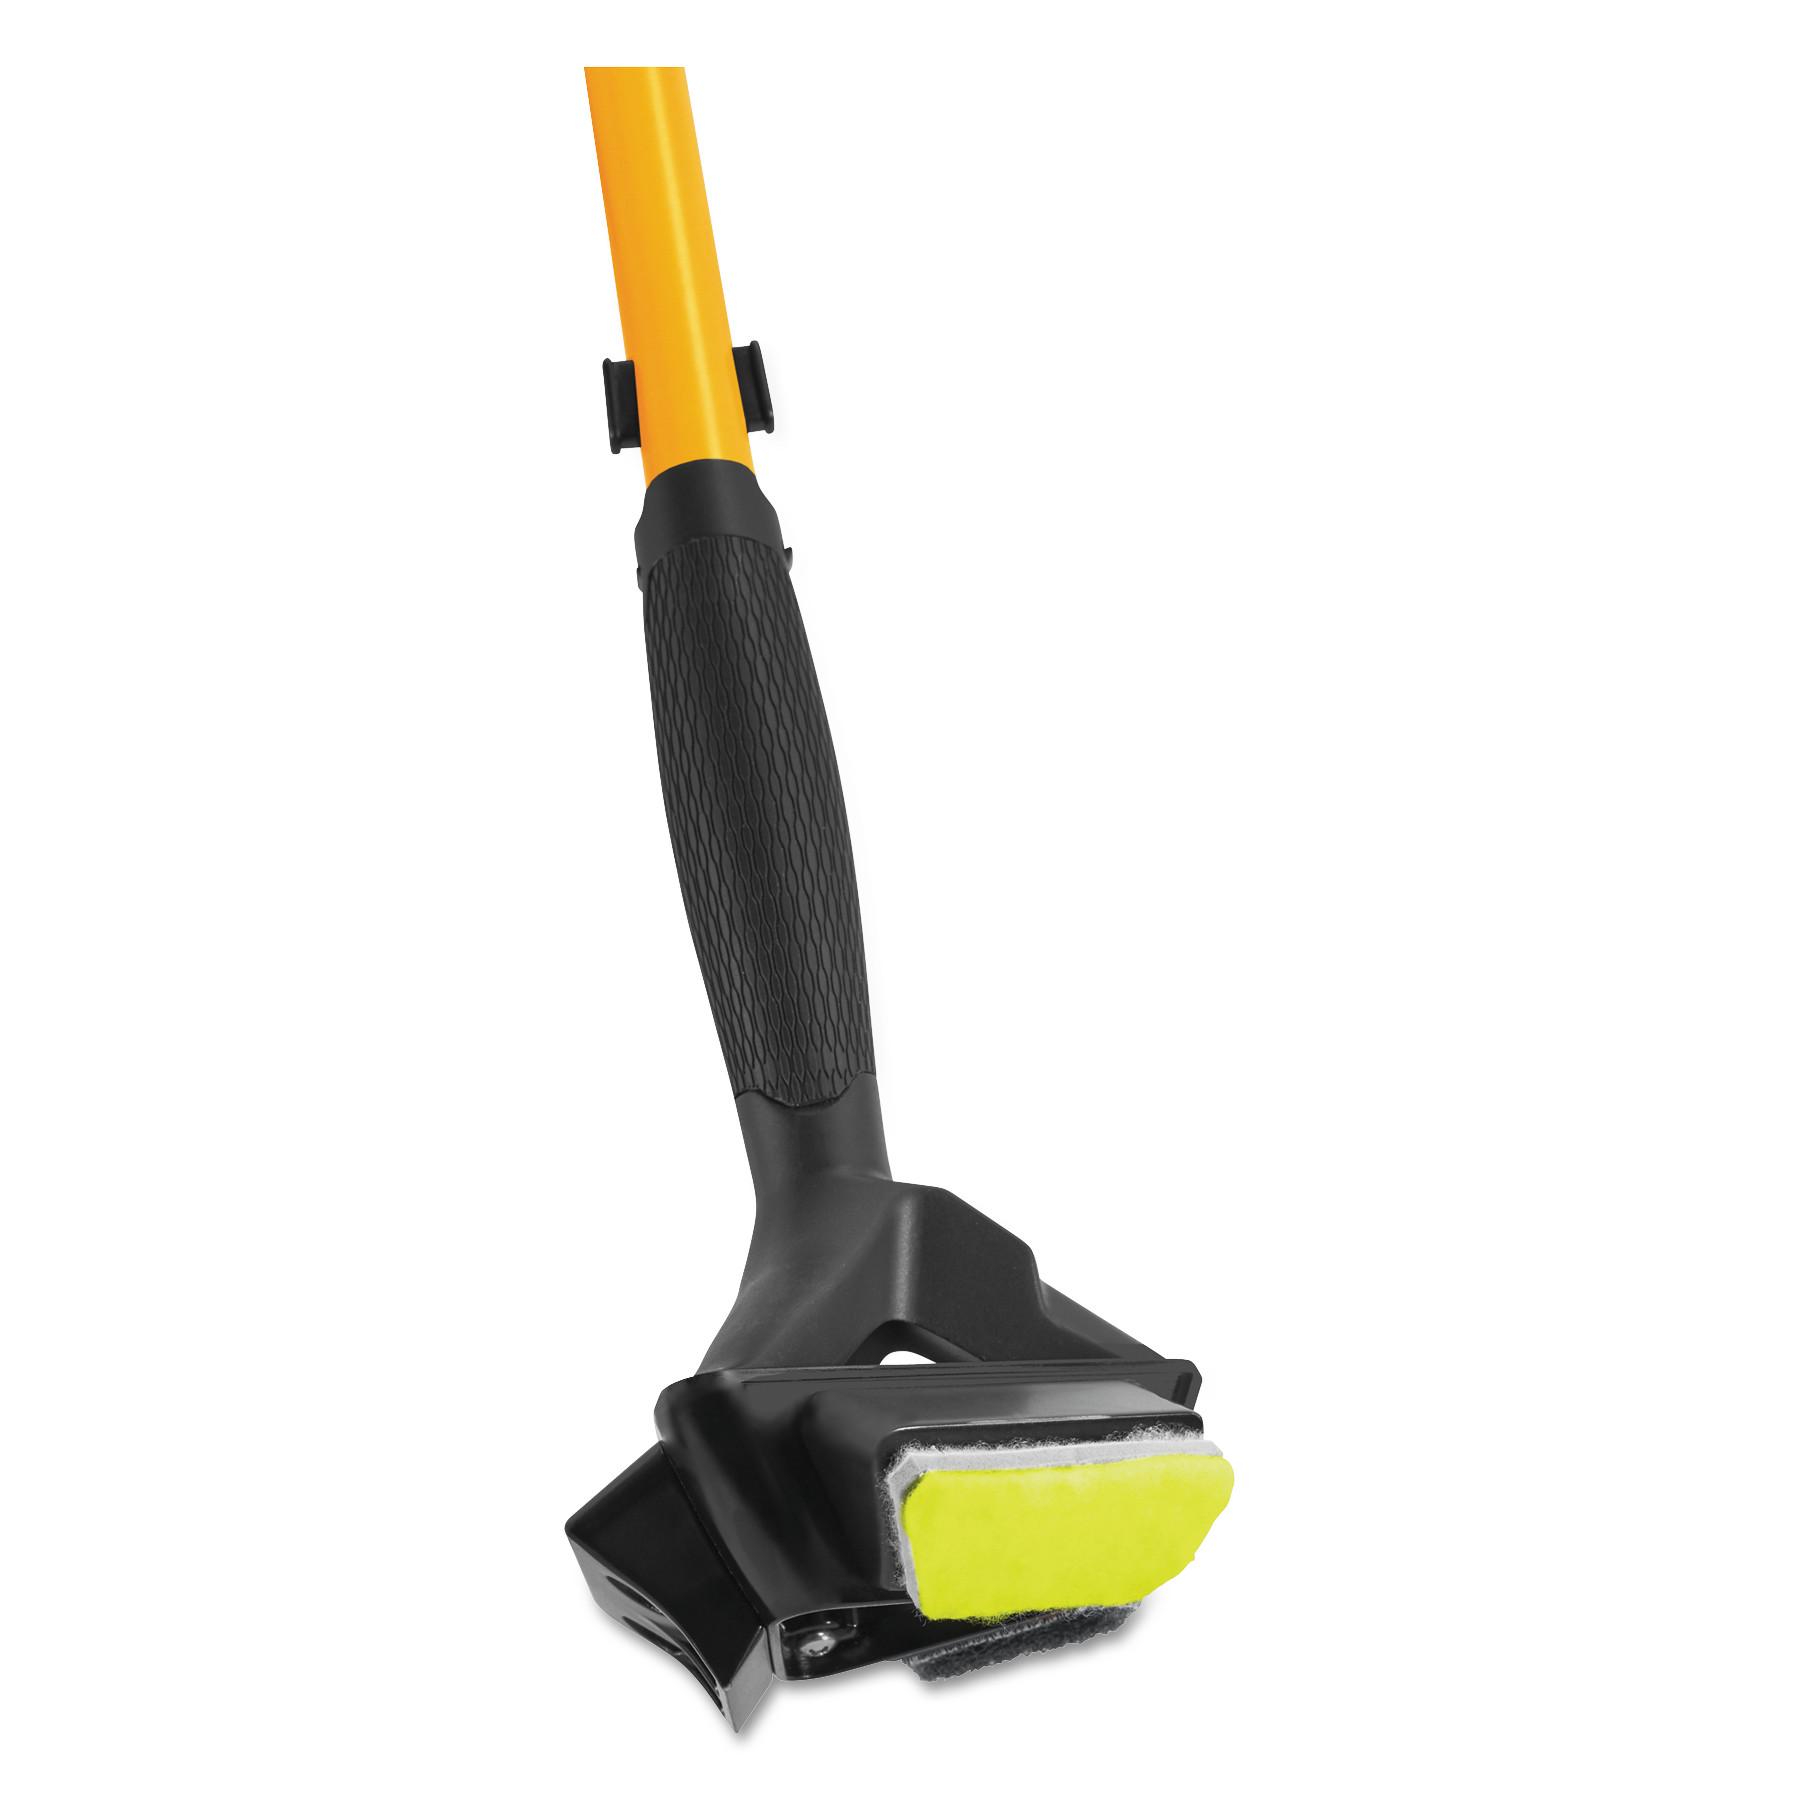 """Maximizer 3-in-1 Floor Prep Scuff Remover Pad, 2.62"""" x 1.37"""" x 0.5"""", Yellow"""